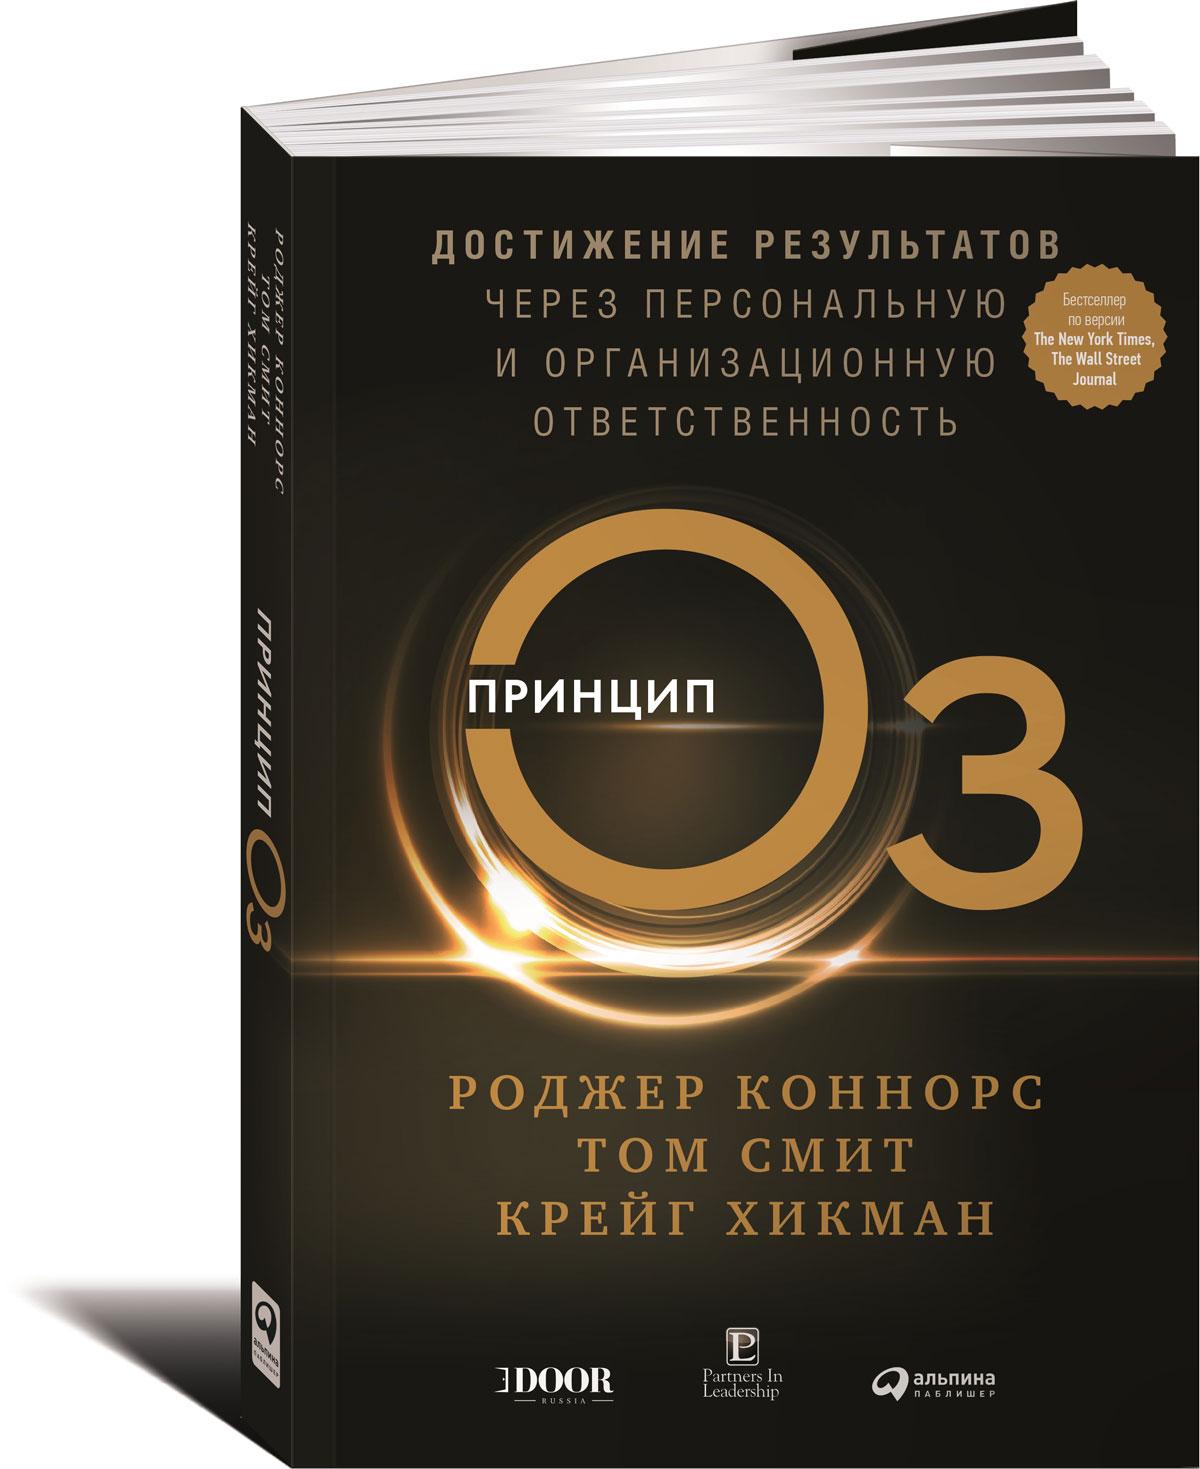 Принцип Оз. Достижение результатов через персональную и организационную ответственность